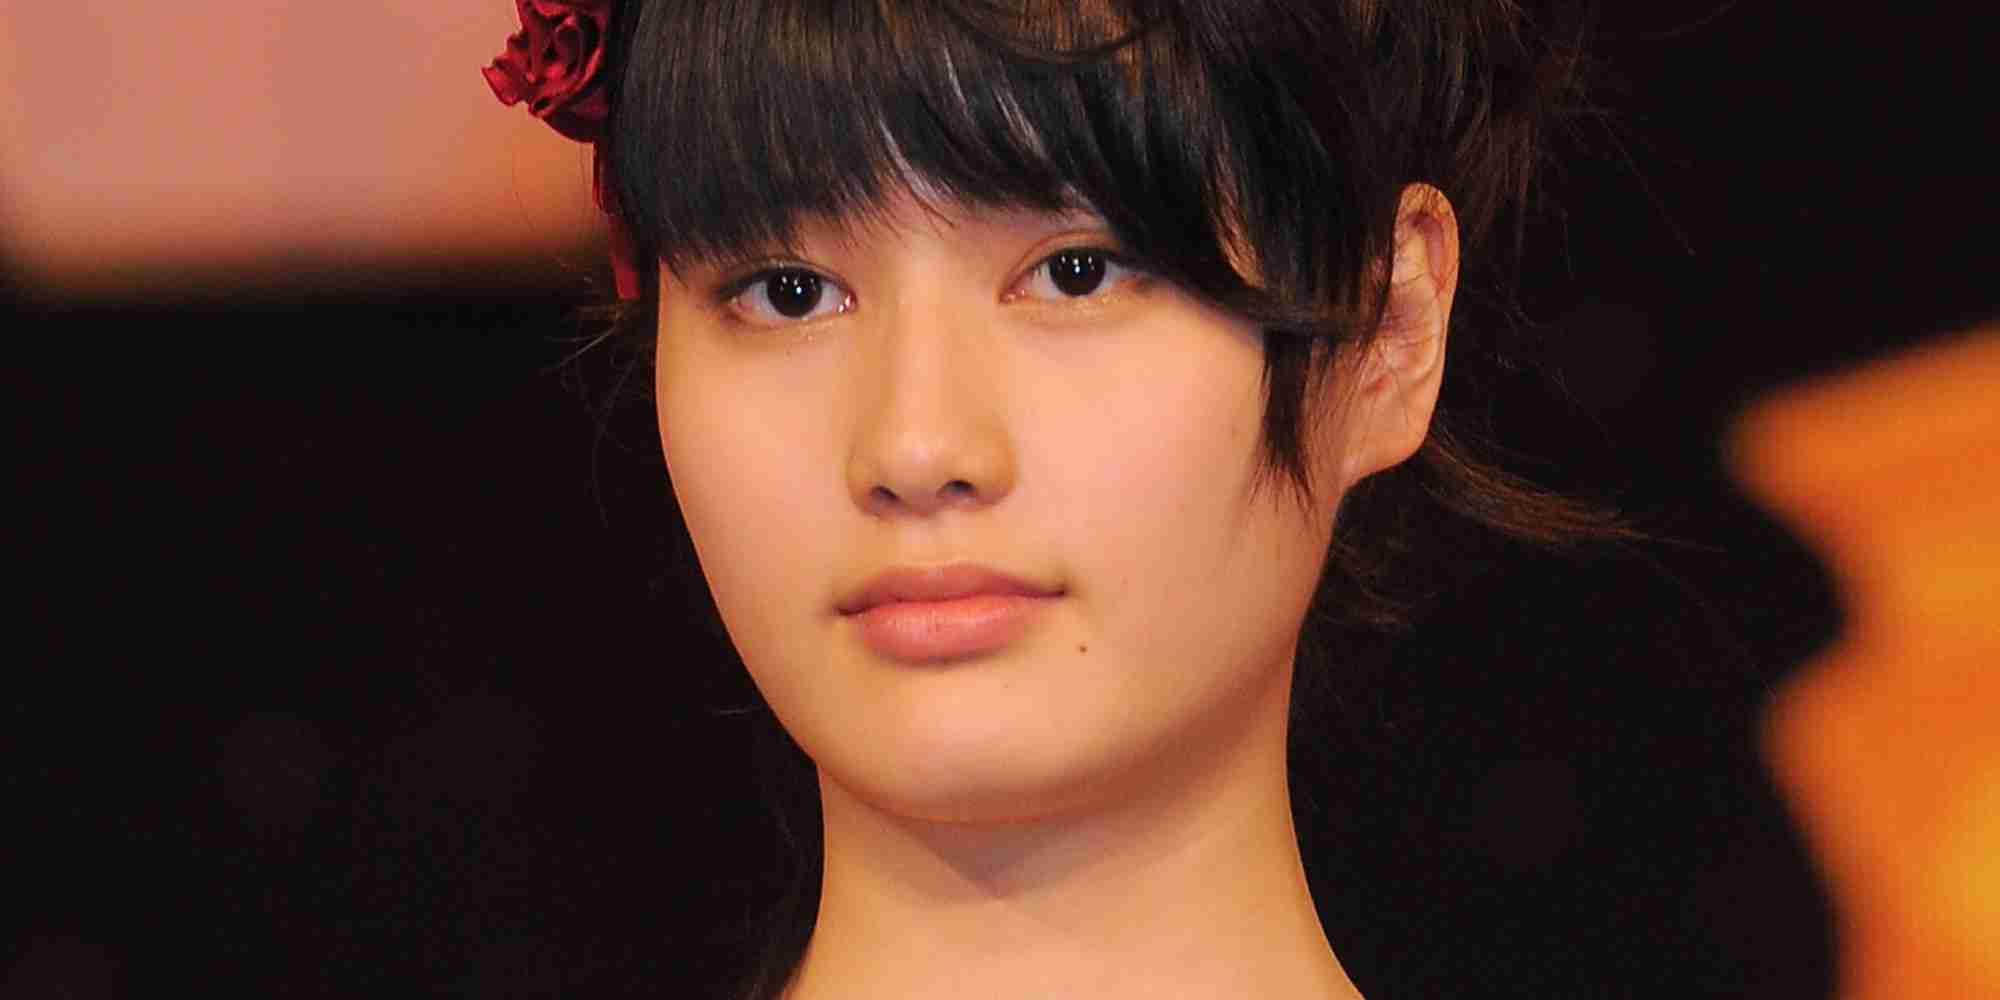 女子大生刺傷事件の容疑者、橋本愛の熱狂的なファンを辞めた意外な理由